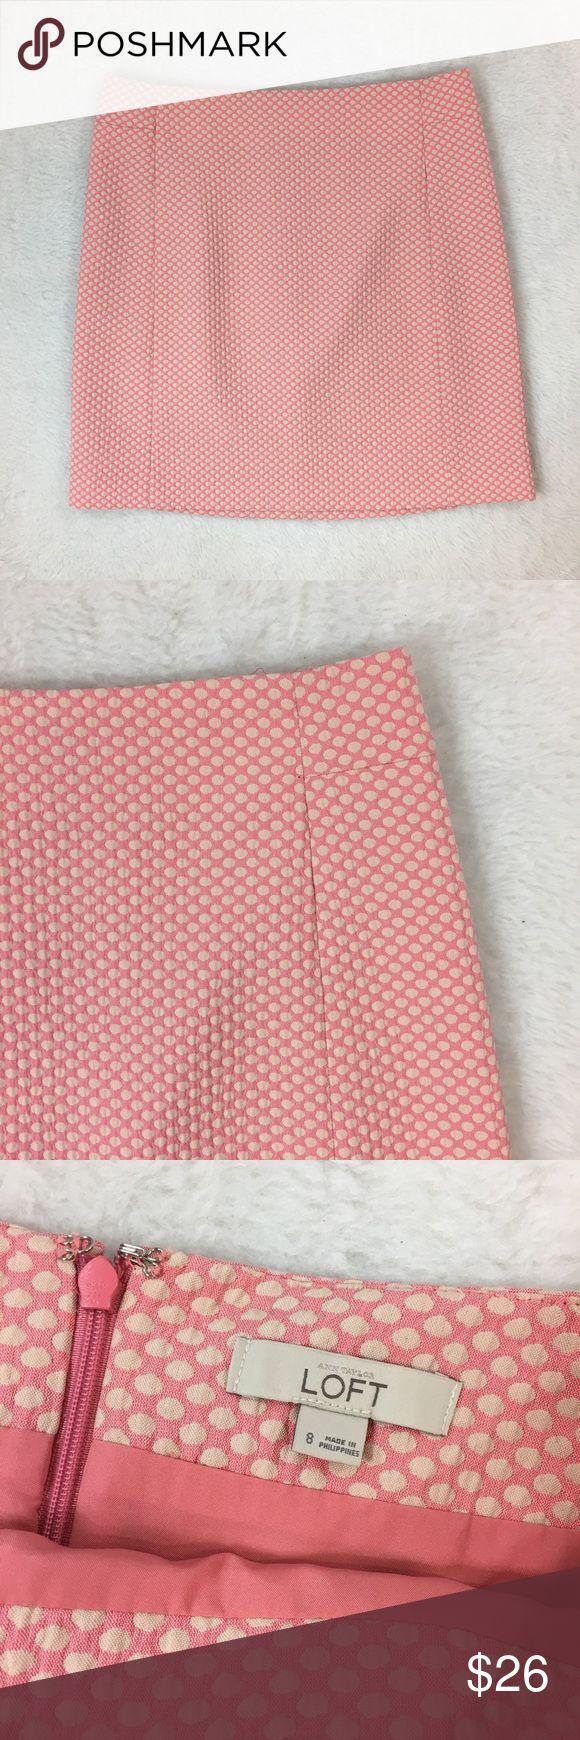 """LOFT Polka Dot Skirt LOFT Career Polka dot skirt. Size 8 Waist approx: 31"""" Length: 18.5"""" Lined Polyester/Cotton Blend. Back Zipper. Good condition! LOFT Skirts Pencil"""